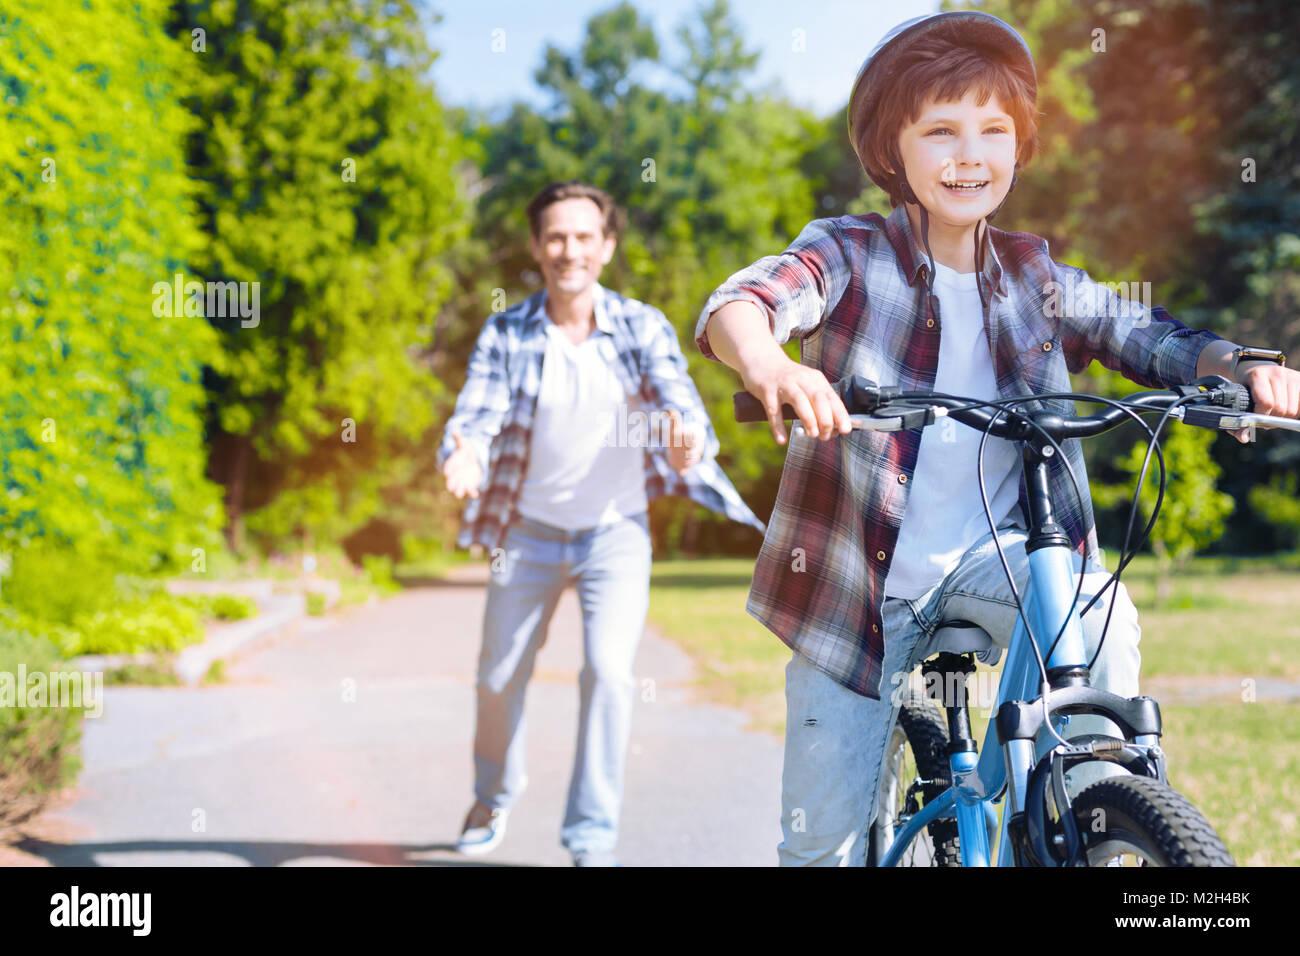 Recordando la enseñanza padre hijo caliente para andar en bicicleta Imagen De Stock